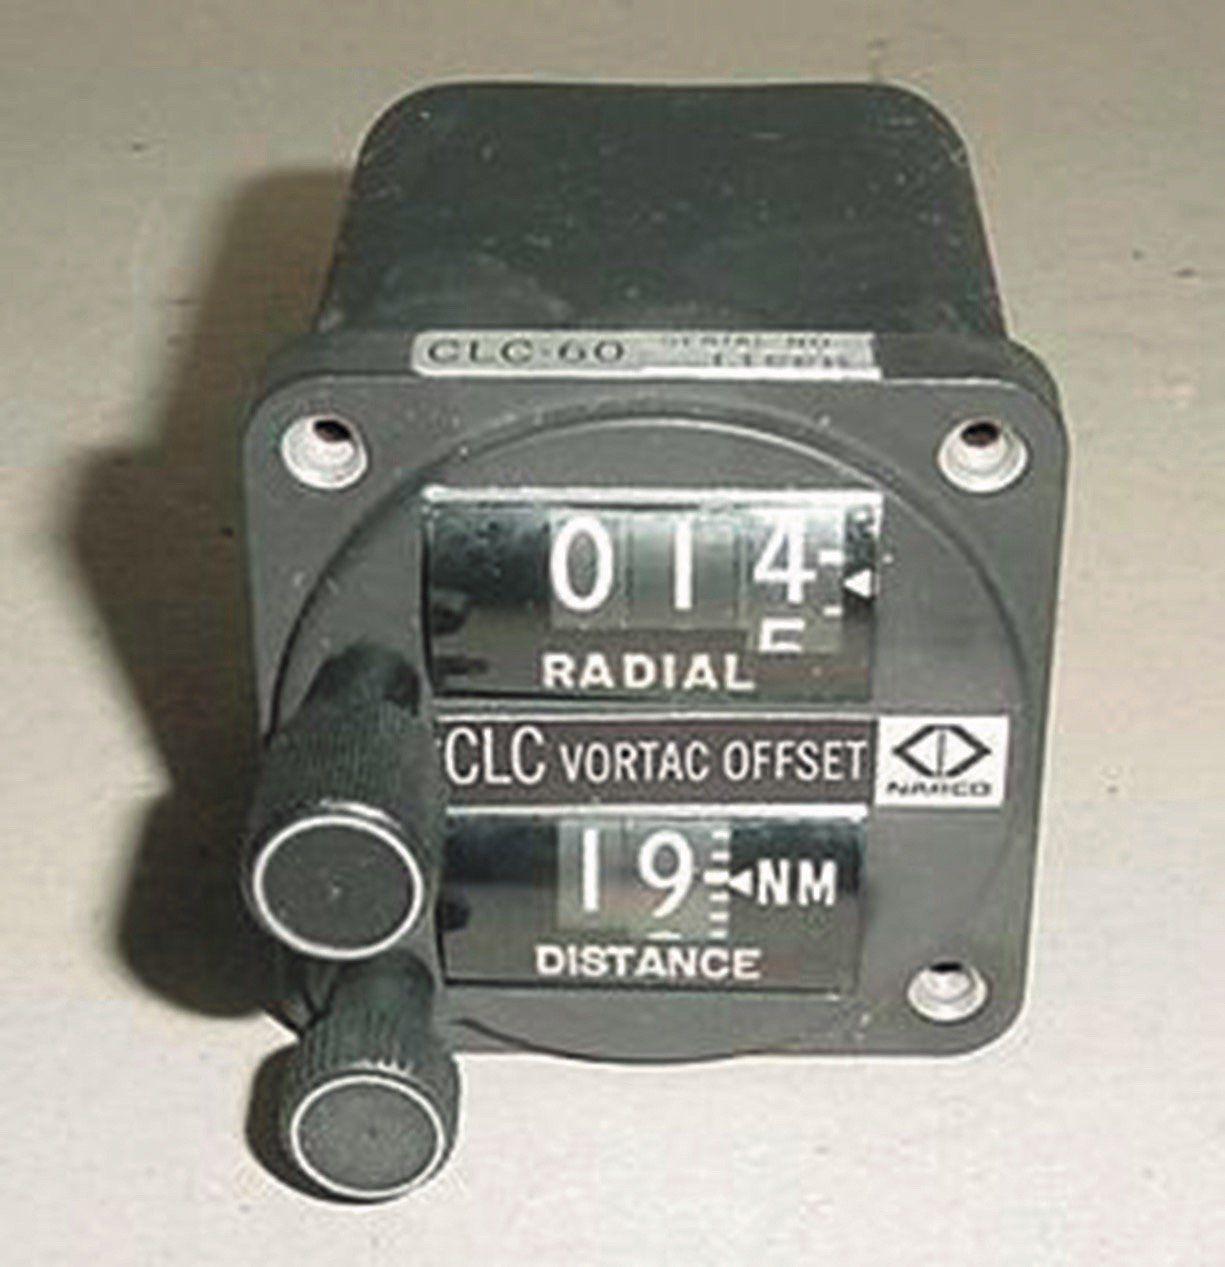 CLC-60processed